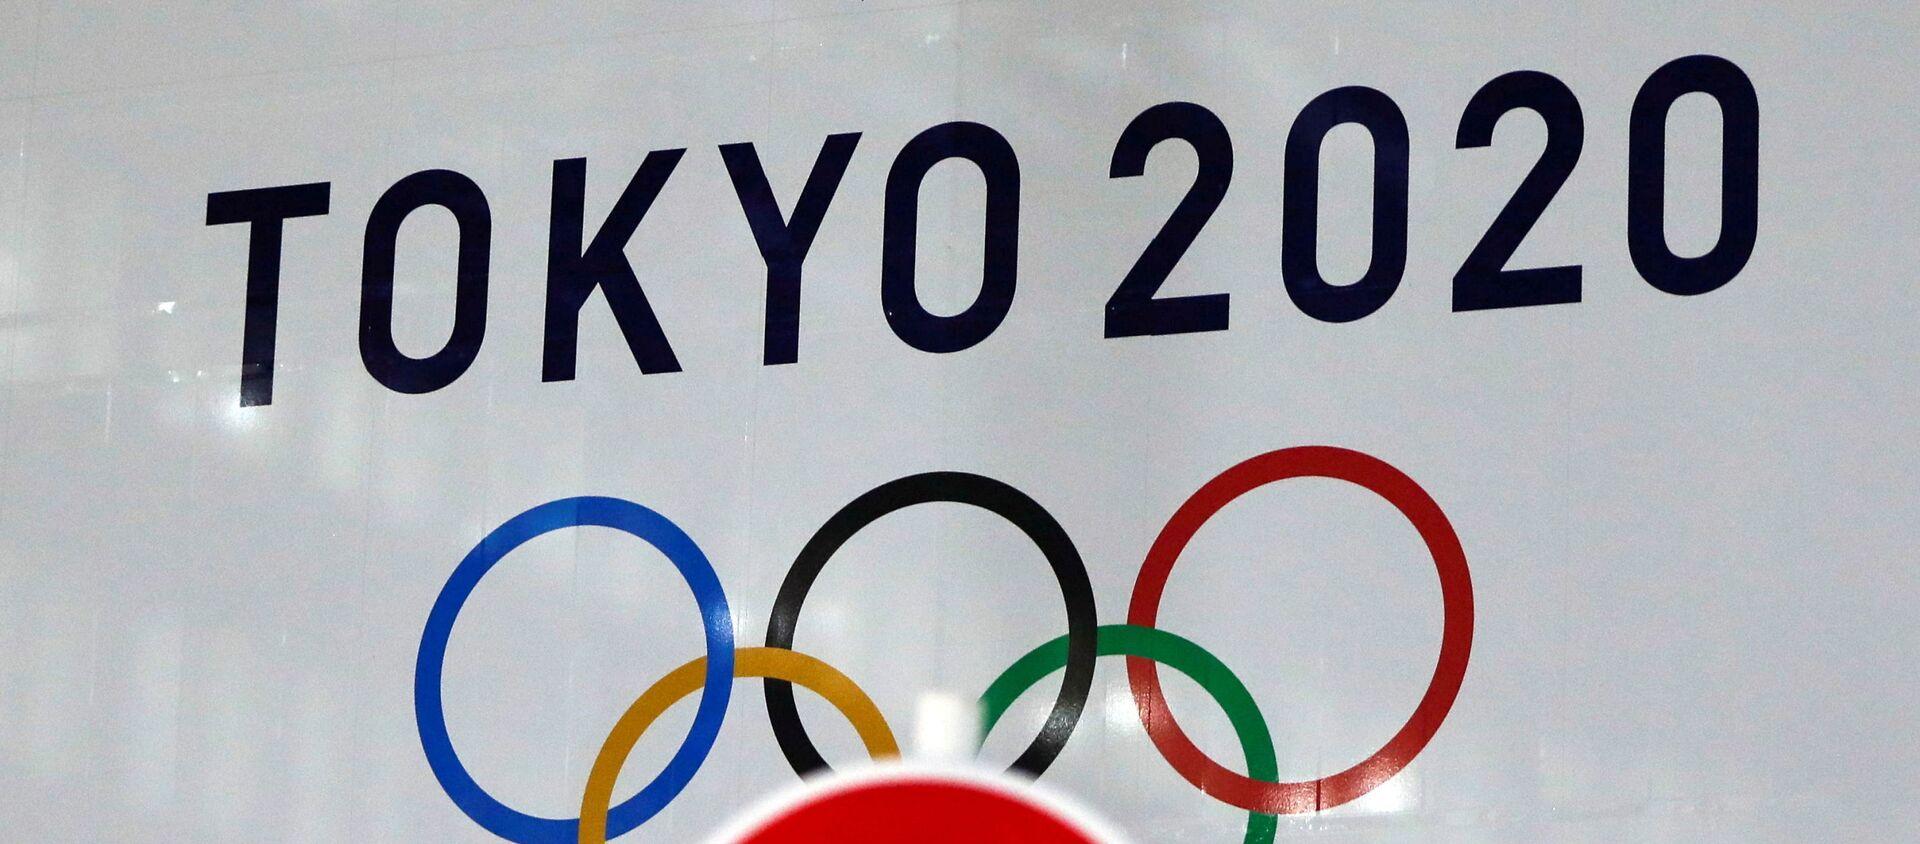 Tokyo 2020- Olimpiyat Oyunları - Sputnik Türkiye, 1920, 07.06.2021